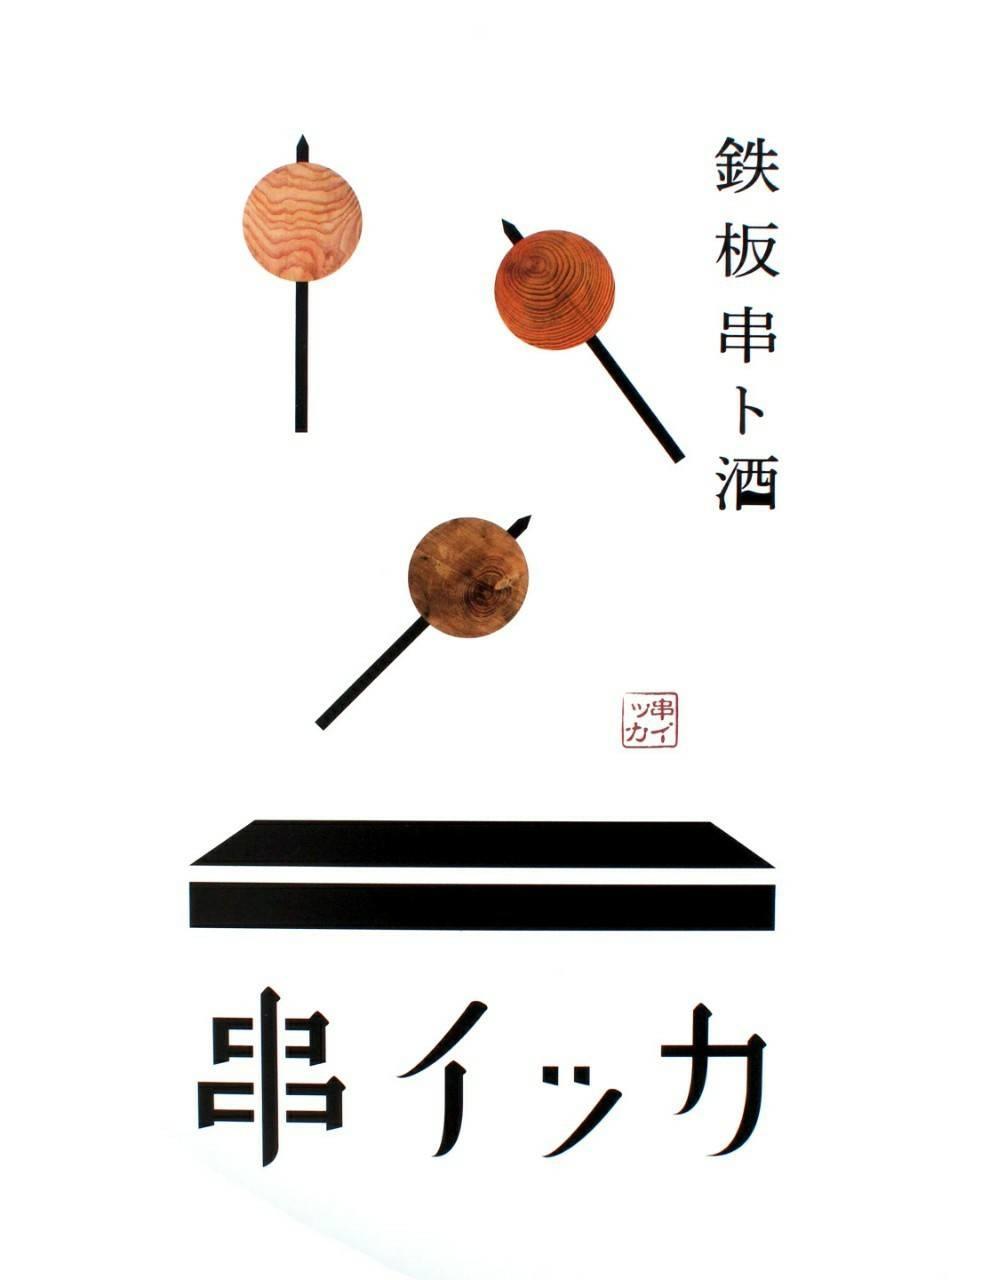 大阪市内の5店舗で店長をめざせる店舗スタッフを募集します!